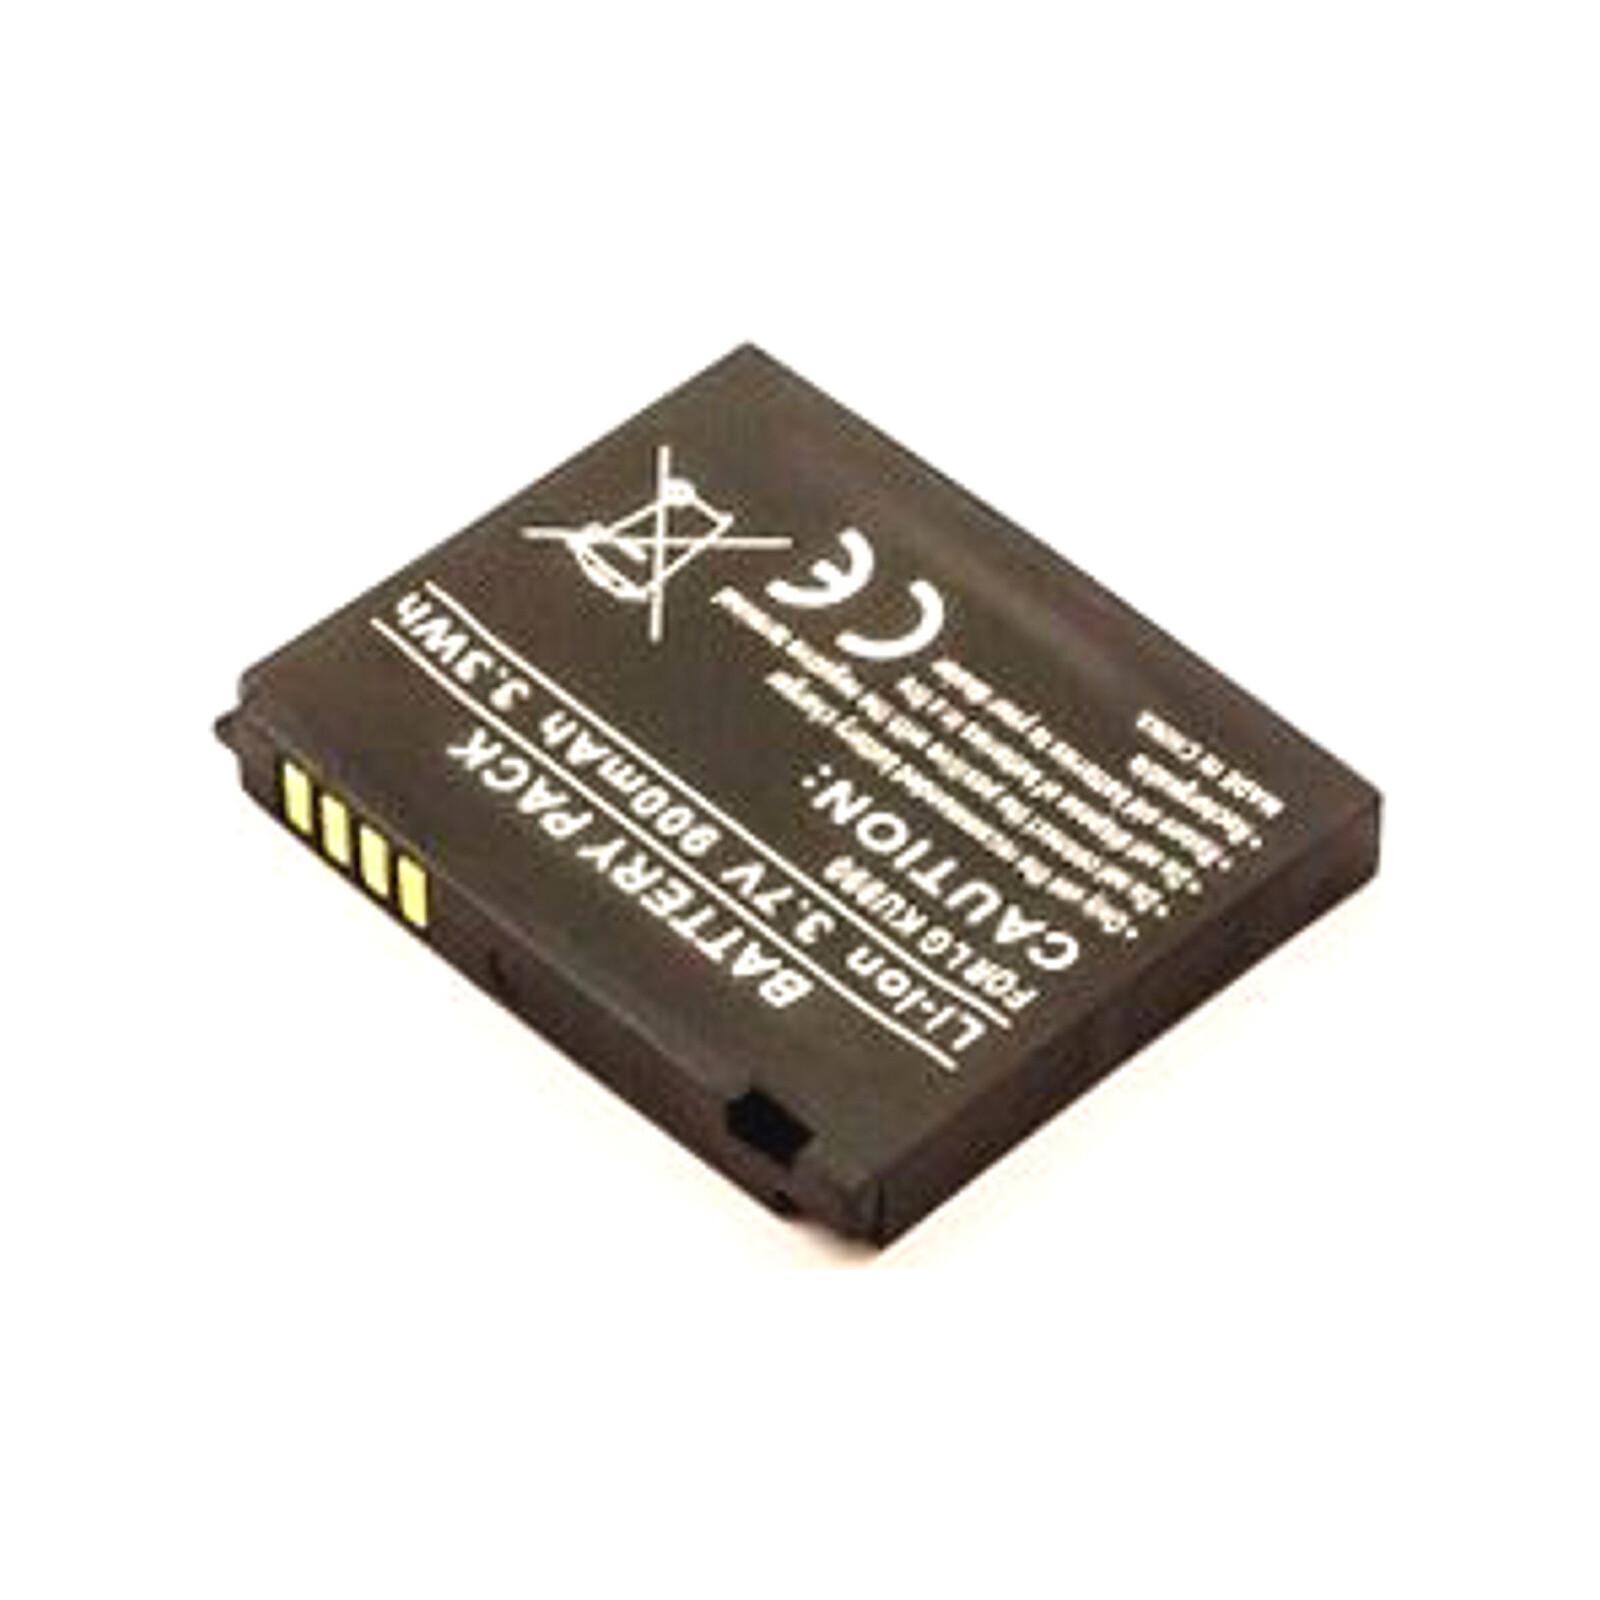 AGI Akku LG HB620T 800mAh